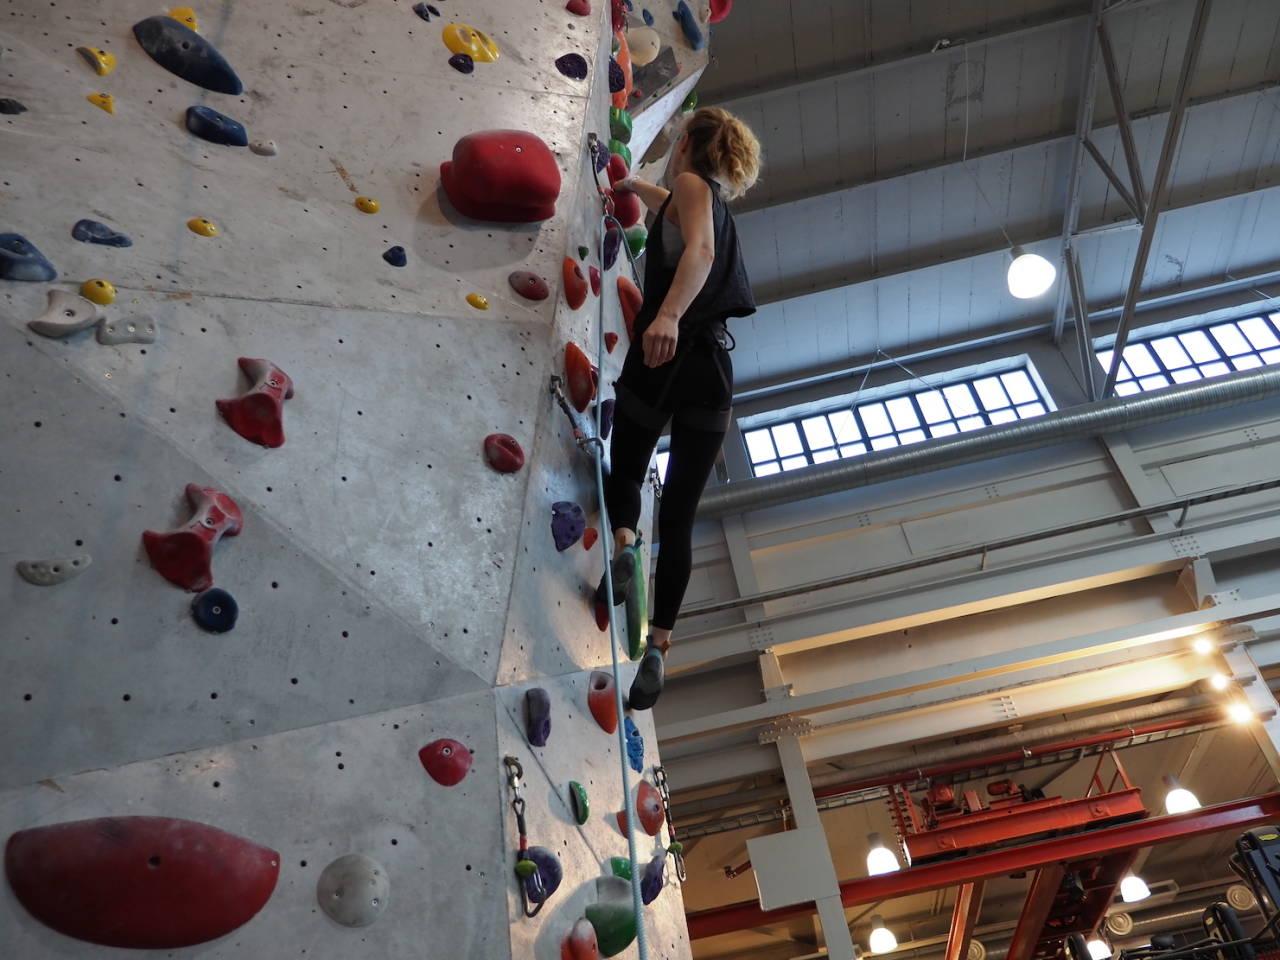 NÅ BLIR KLATRESENTRENE I OSLO HELT STENGT: En økende smittetrend gjør at byrådet i Oslo nå ser ingen annen vei enn å forby innendørs fritidsaktivitet for barn og unge også. Foto: Lisa Kvålshaugen Bjærum